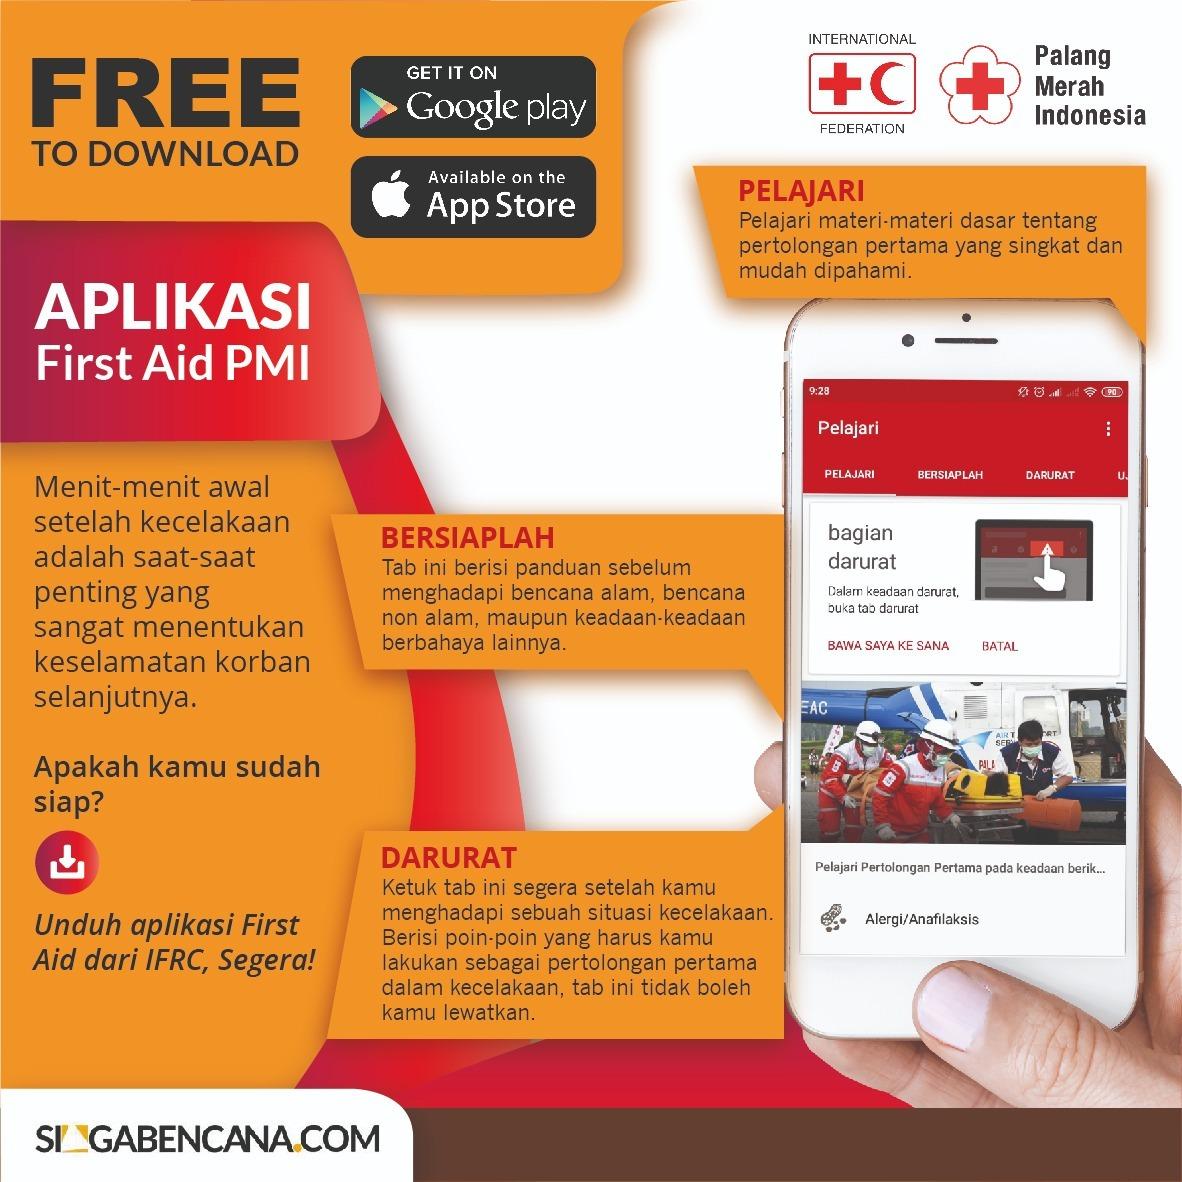 Kenali Pertolongan Pertama dengan Aplikasi First Aid dari IFRC